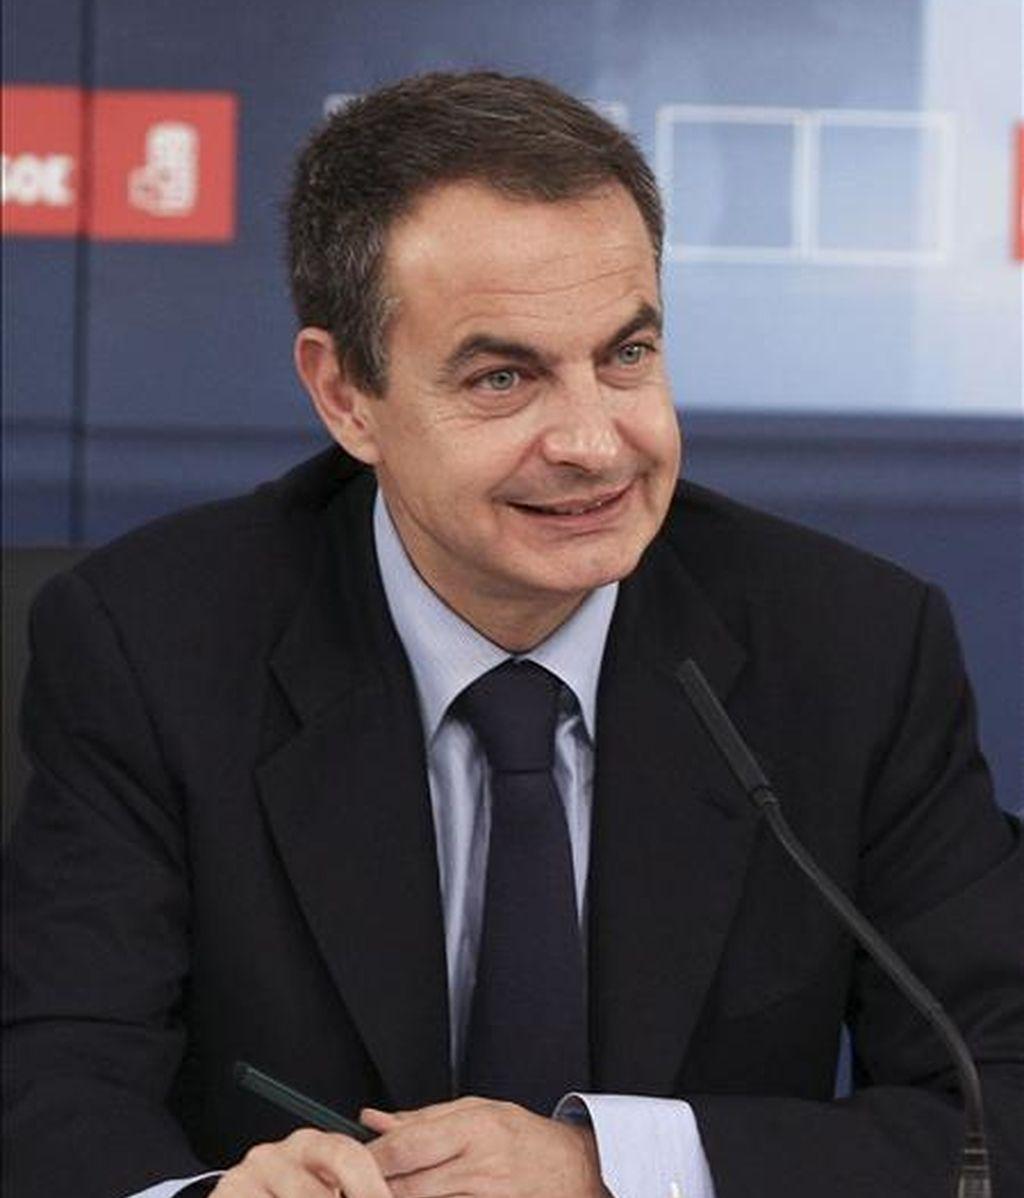 El jefe del Gobierno, José Luis Rodríguez Zapatero, al inicio del acto en el que se constituyó la delegación española en el grupo socialista europeo, que estará formada por los veintiún eurodiputados del PSOE elegidos el pasado domingo. EFE